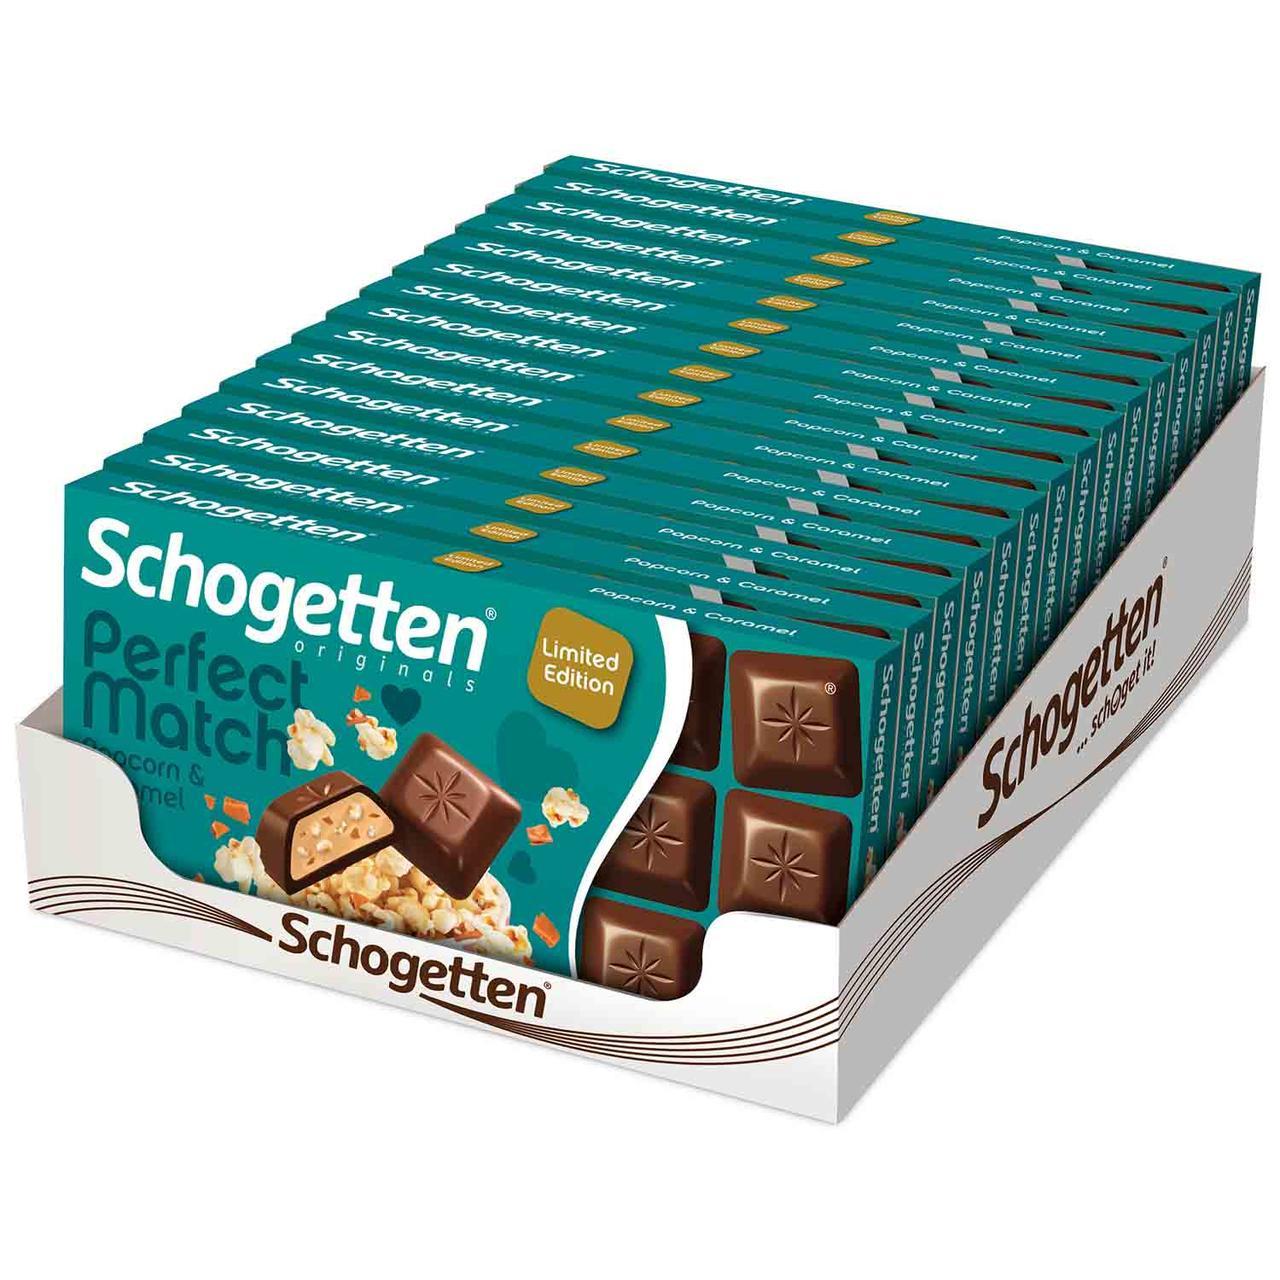 Шоколад молочний Schogetten Perfect Match Popcorn & Caramel карамель з начинкою попкорн 100g, Німеччина